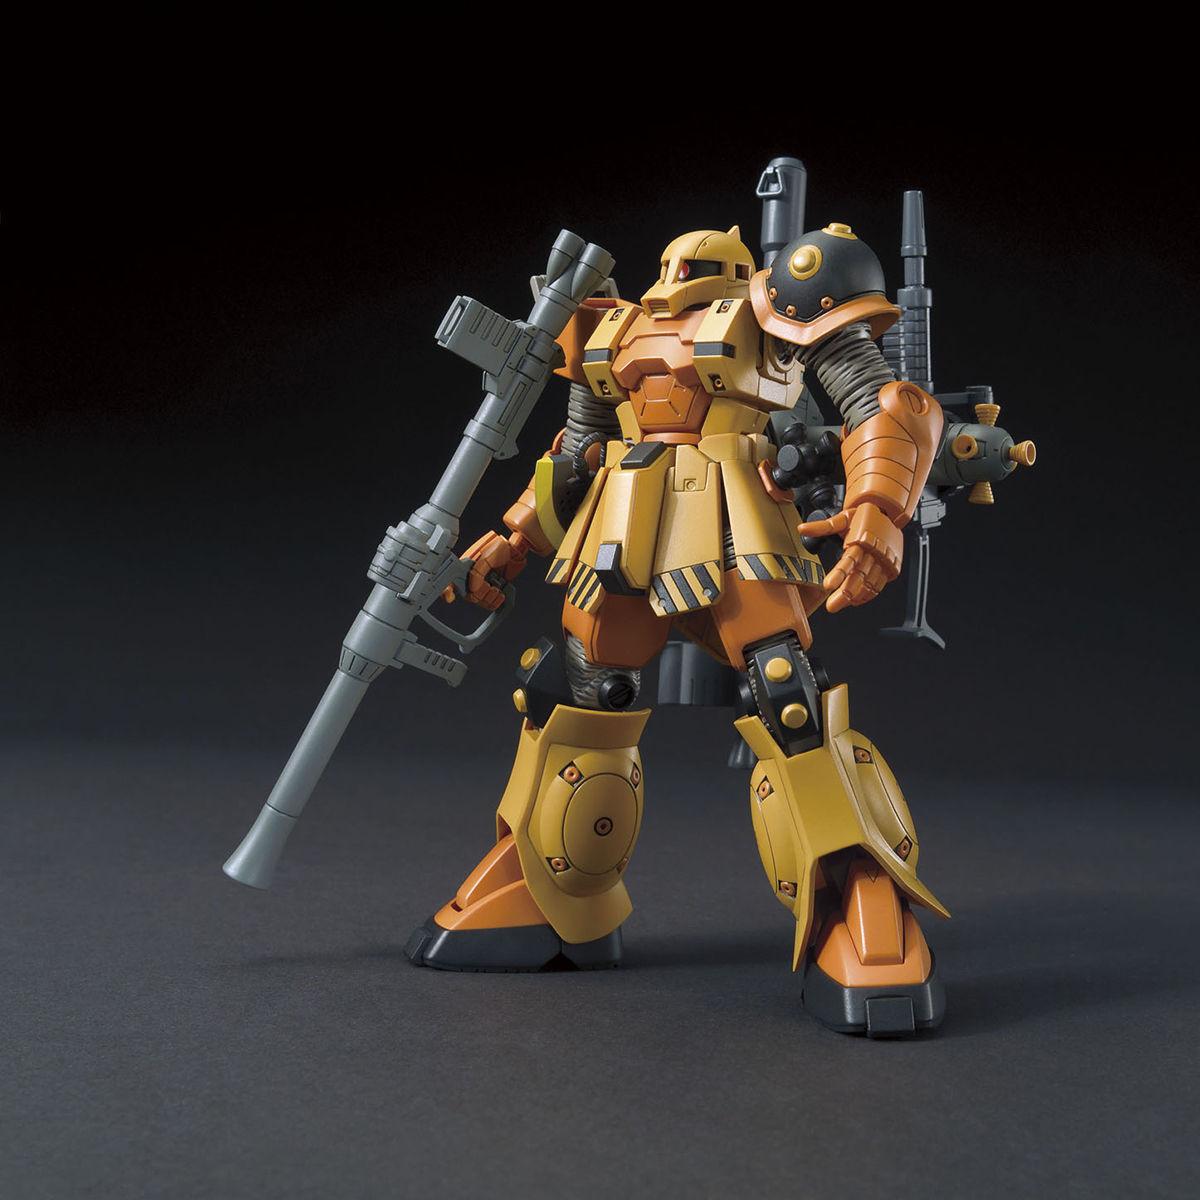 """25257HGTB 1/144 MS-05 ザクI""""旧ザク""""(GUNDAM THUNDERBOLT Ver.) [Zaku I (Gundam Thunderbolt ONA Ver.)]"""